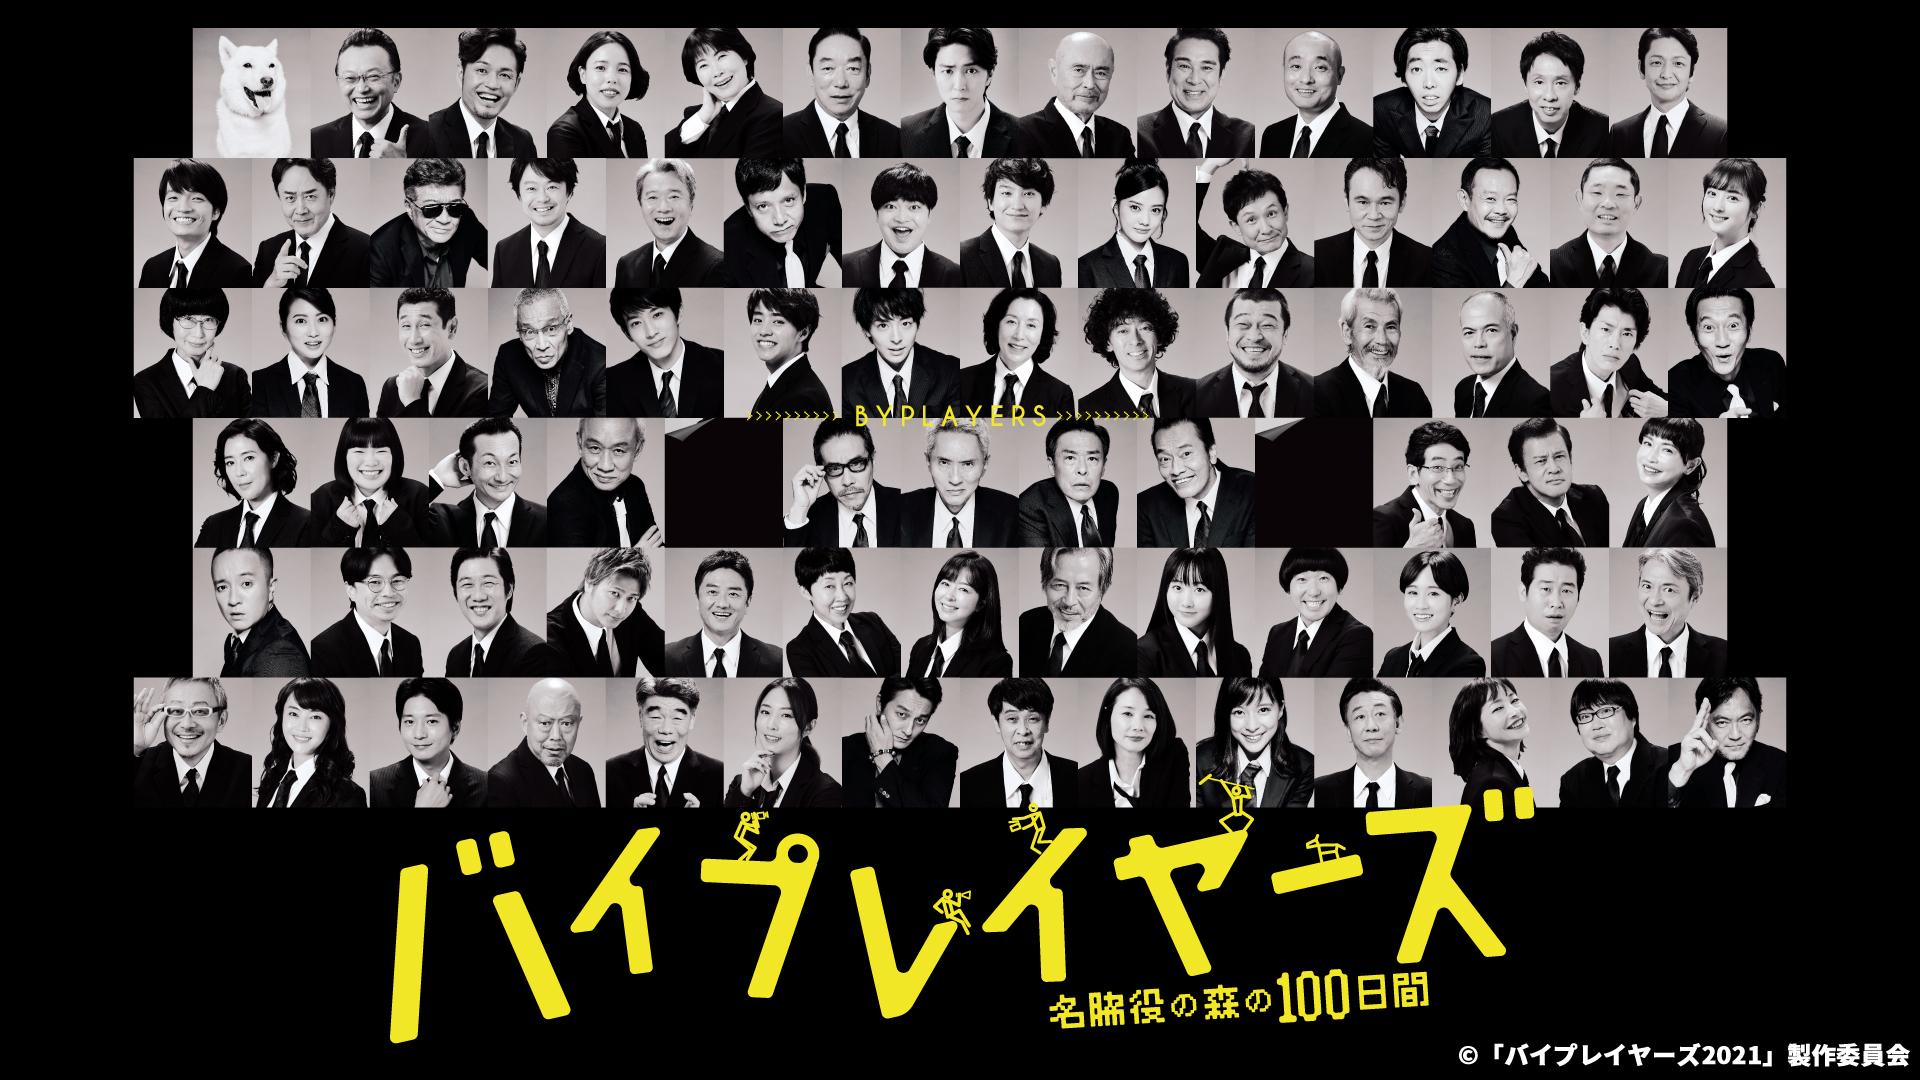 無料テレビでバイプレイヤーズ~名脇役の森の100日間~を視聴する